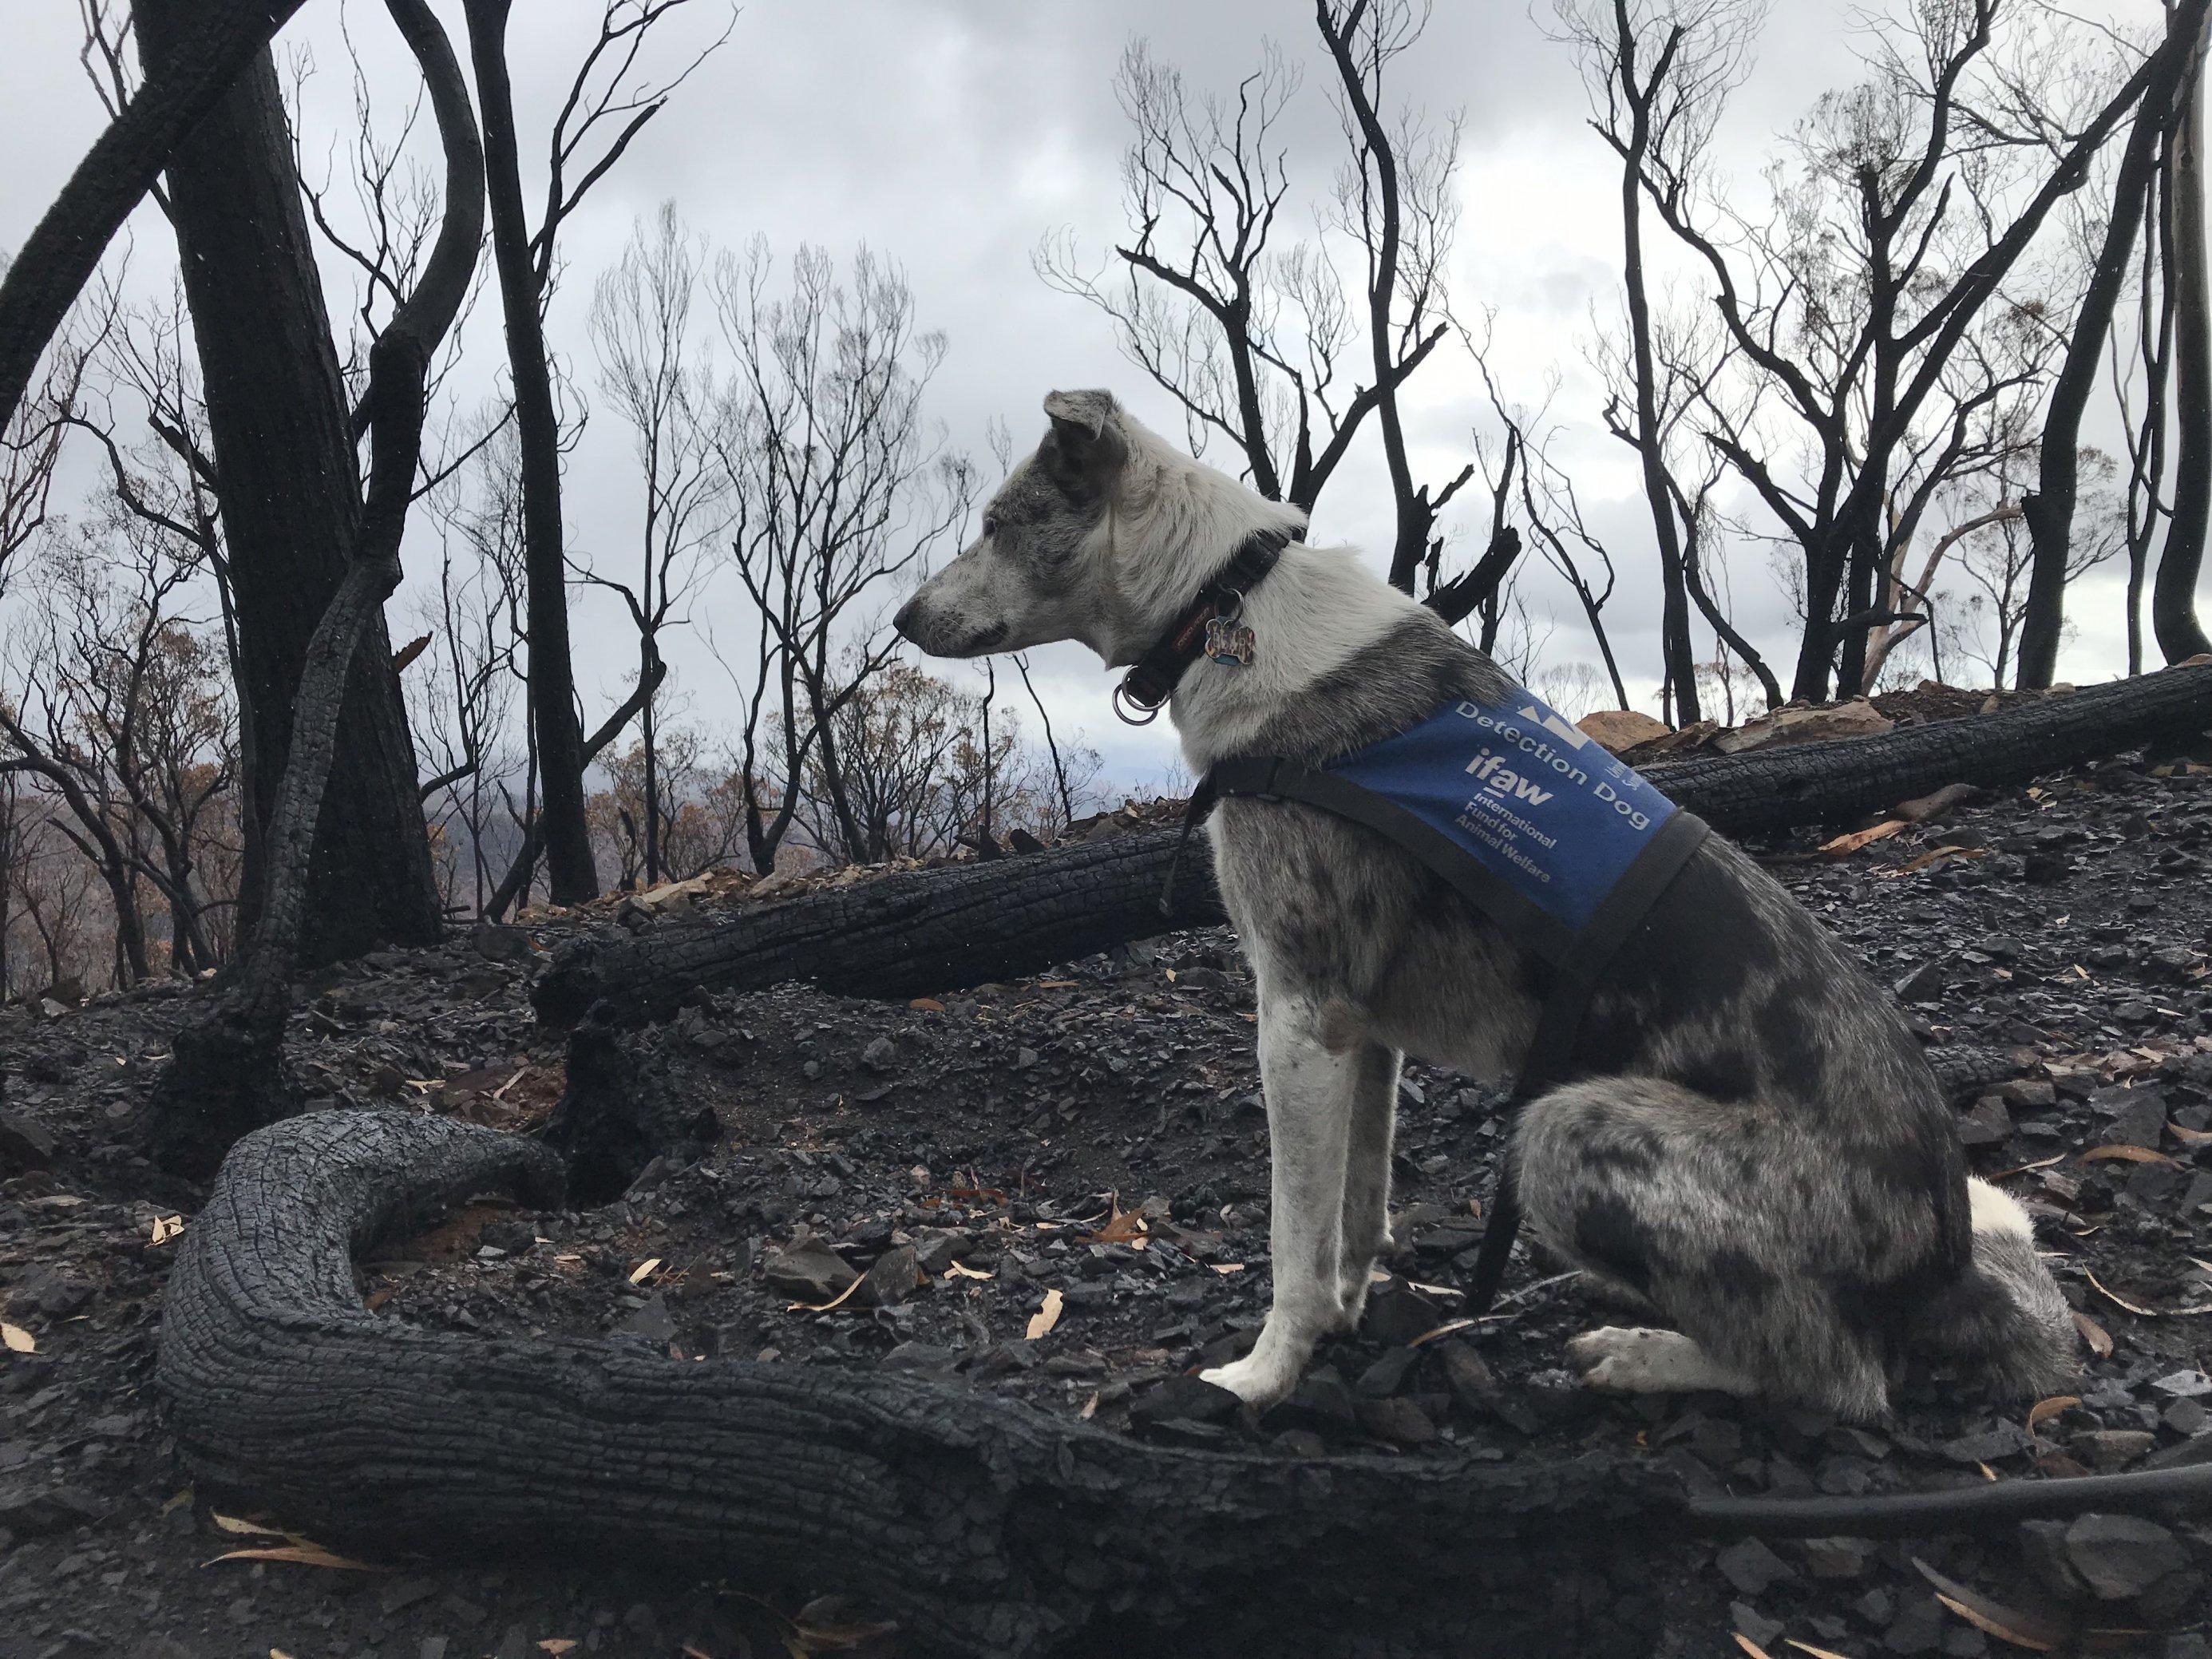 """Spürhund Bear, ein schwarz-weißer Kolonie sitzt zwischen verbranntem Gestrüpp. Der Hund wartet auf den Befehl """"Let's go find"""" ehe er sich im abgebrannten Two Thumbs Reservat auf die Suche nach überlebenden Koalas macht."""